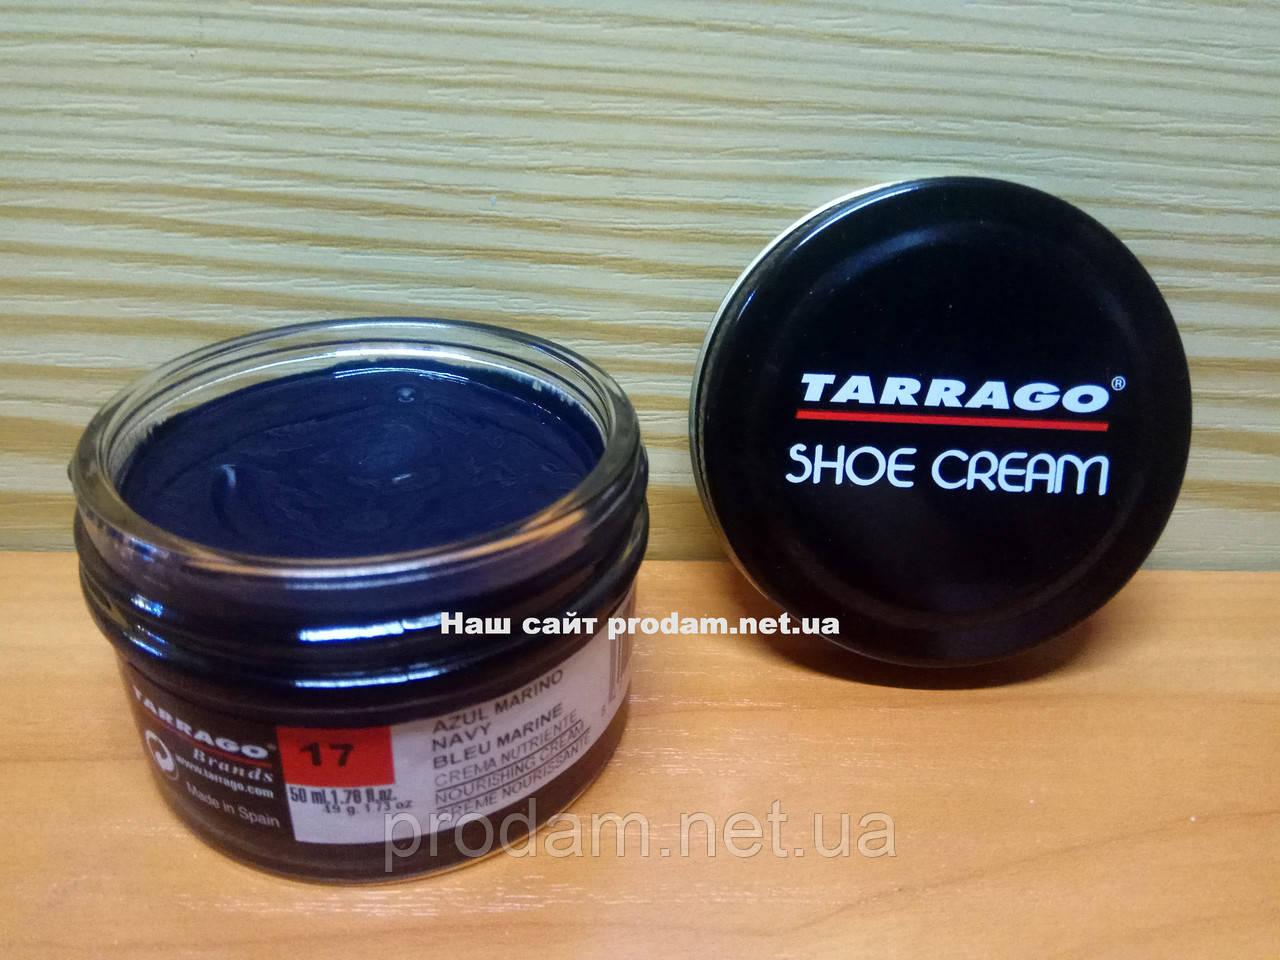 Крем для обуви Tarrago №017-navy